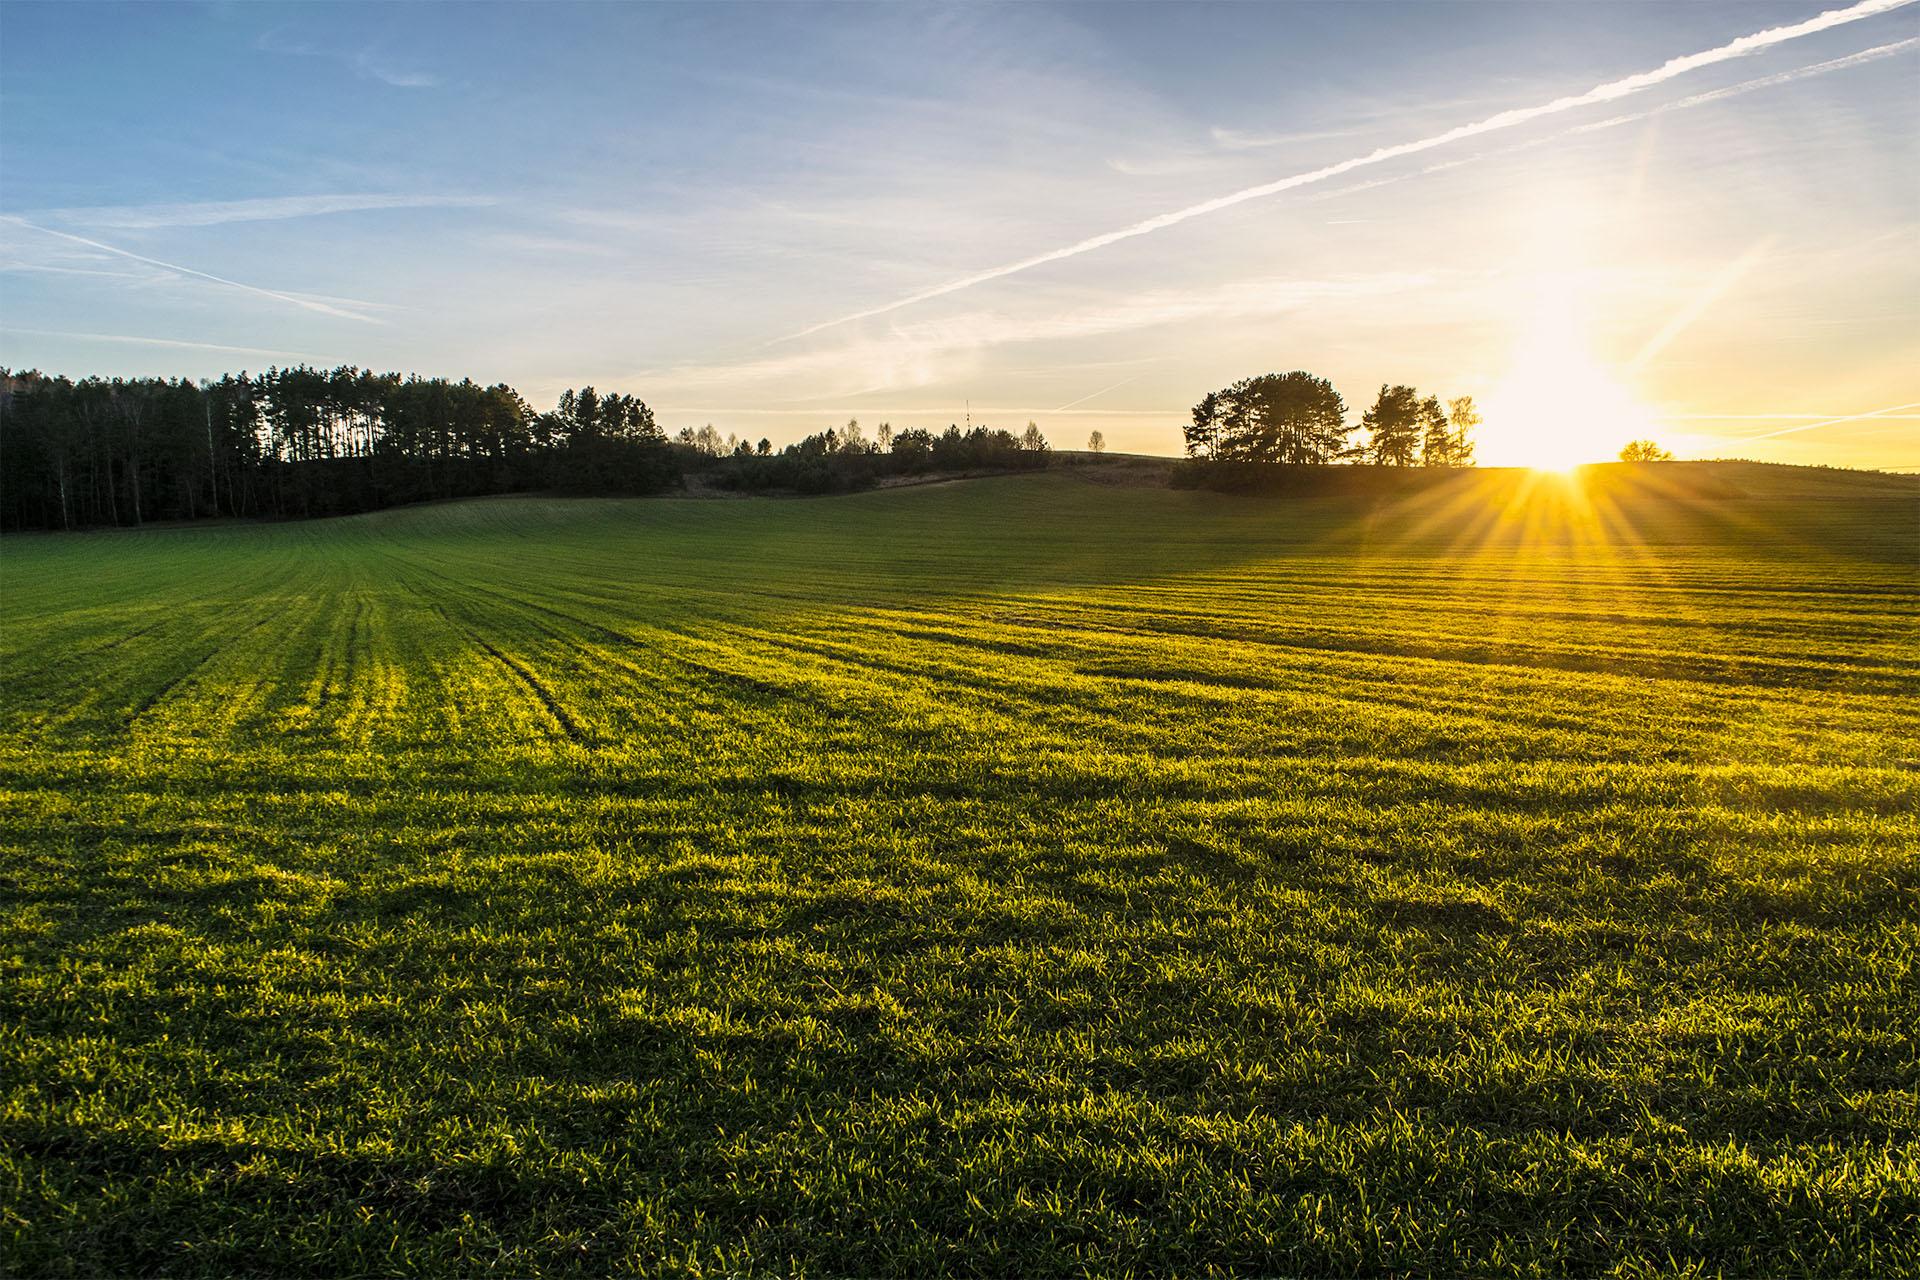 Zachód słońca nad wzgórzami w Tarnowie (koło Starej Łubianki). Fot. Marcin Maziarz